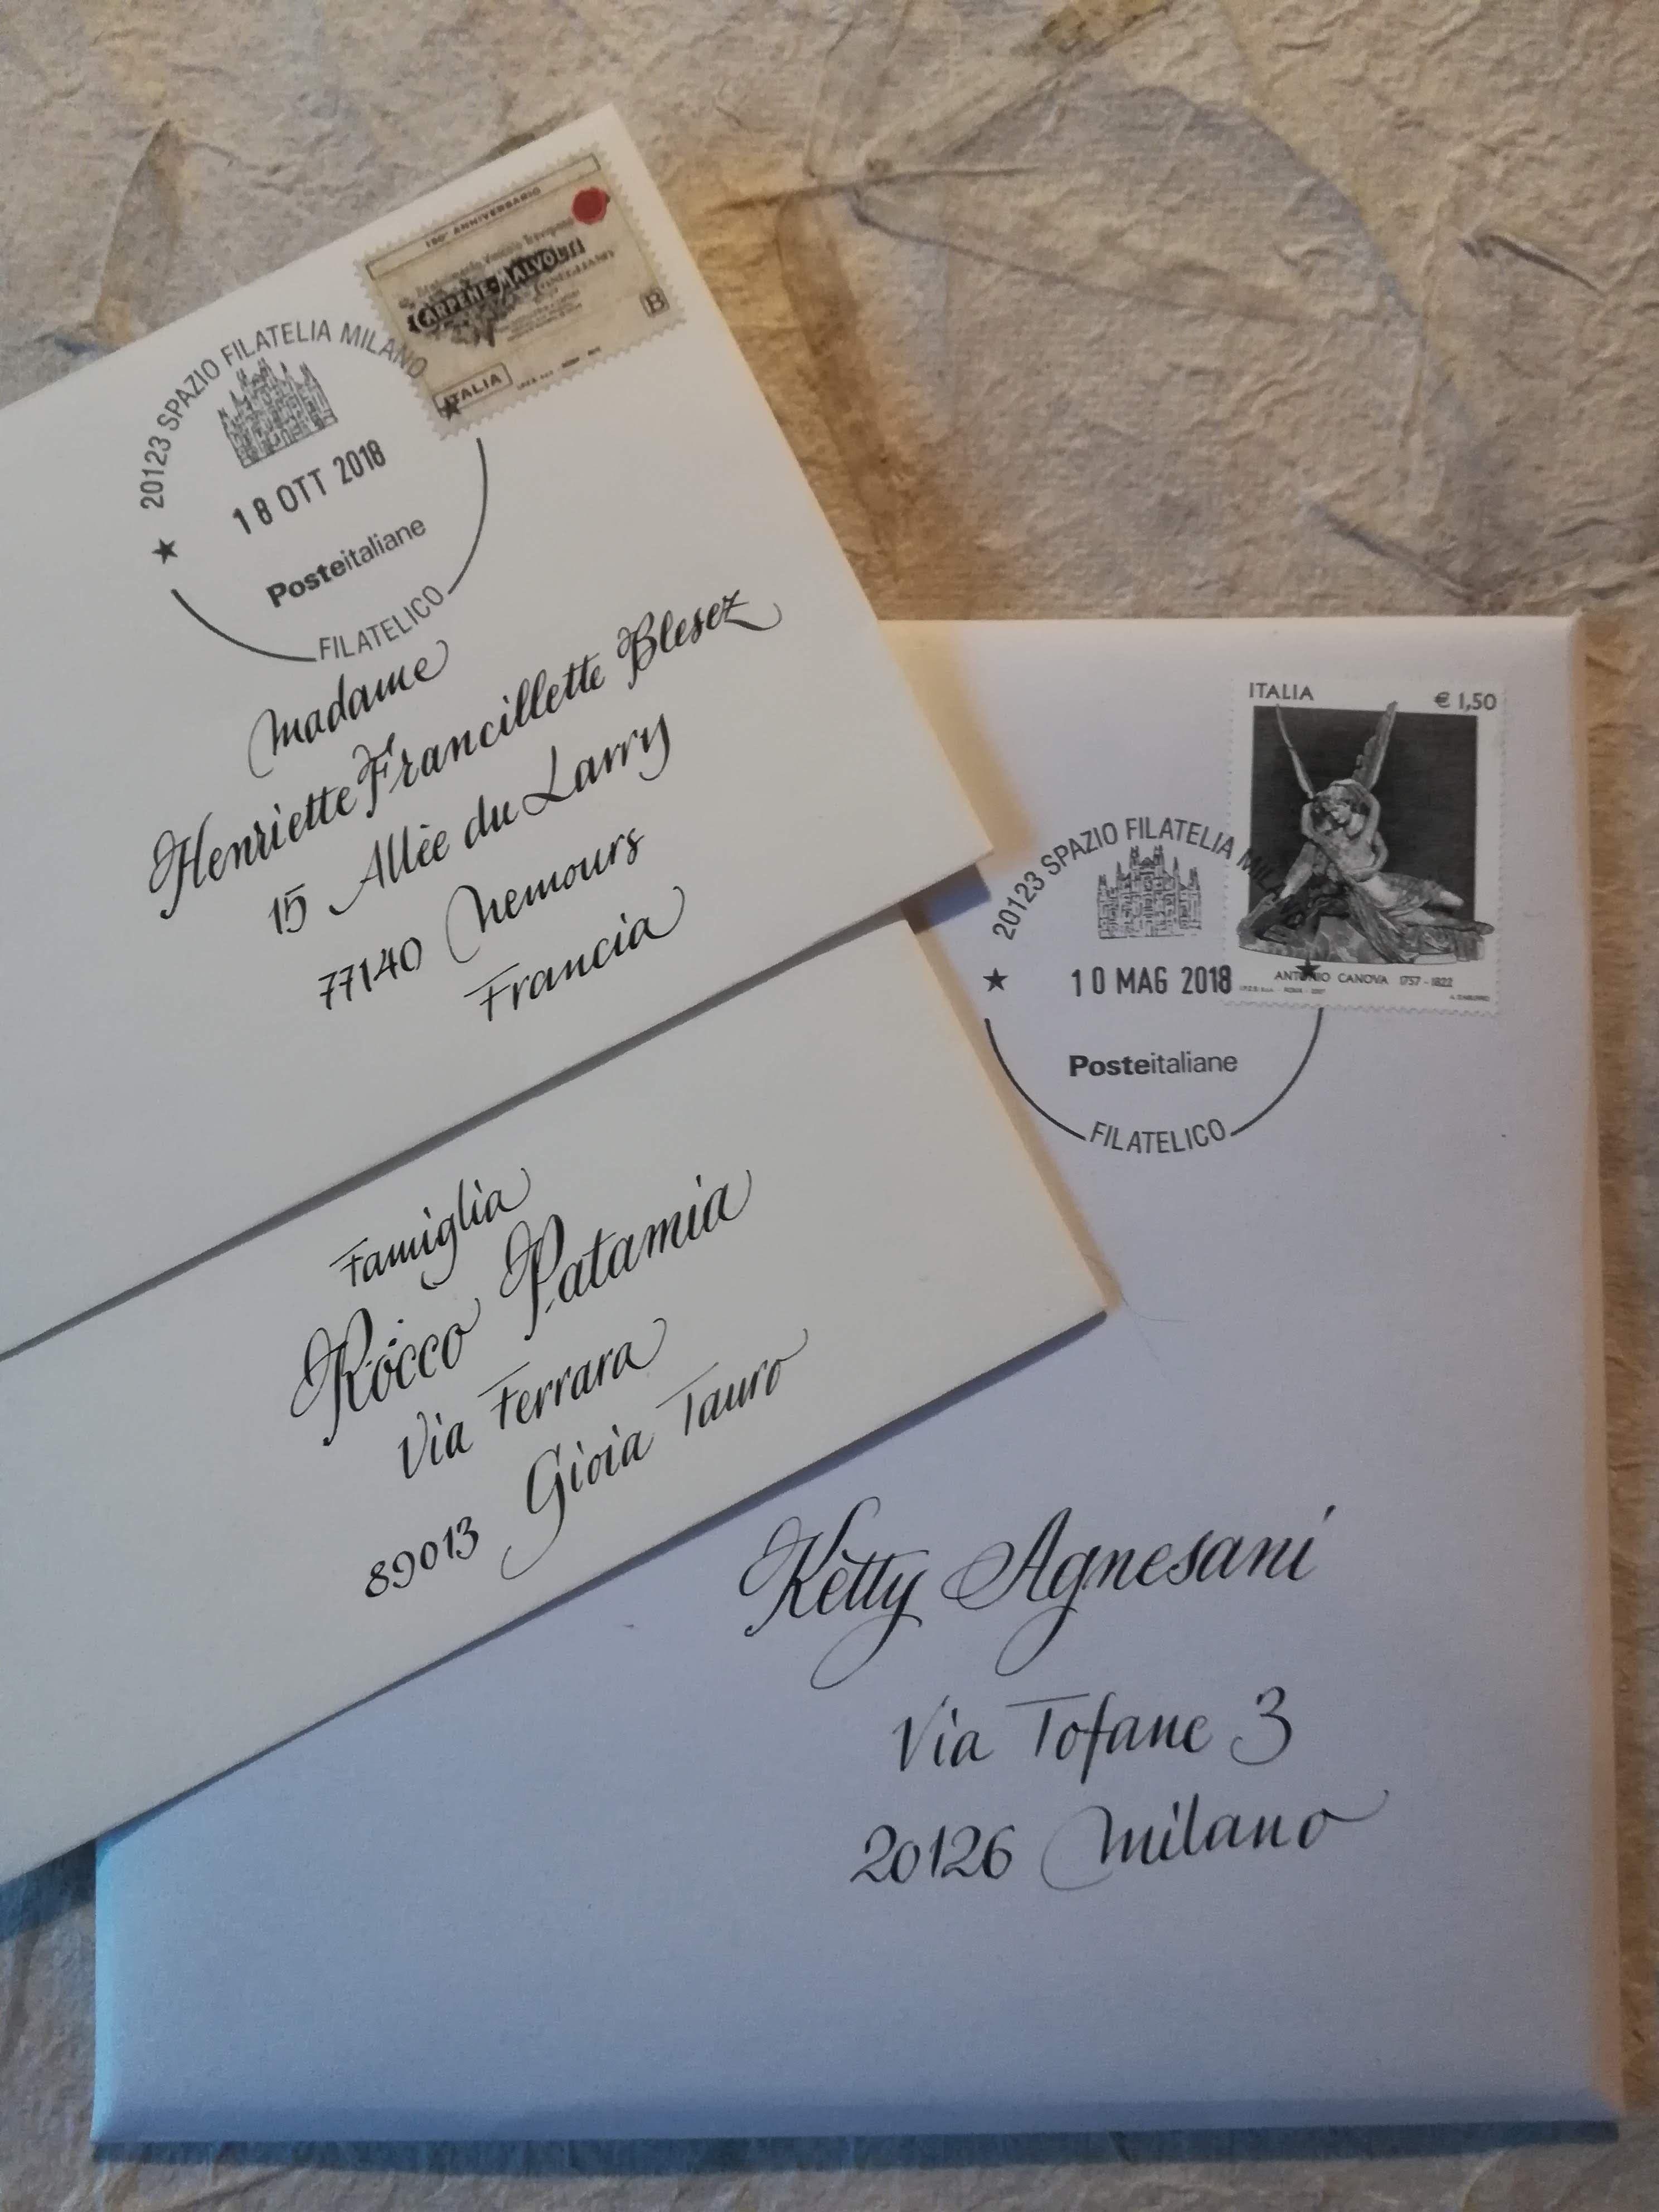 Buste Partecipazioni Matrimonio.Buste Personalizzate In Calligrafia Elegante Per Le Partecipazioni